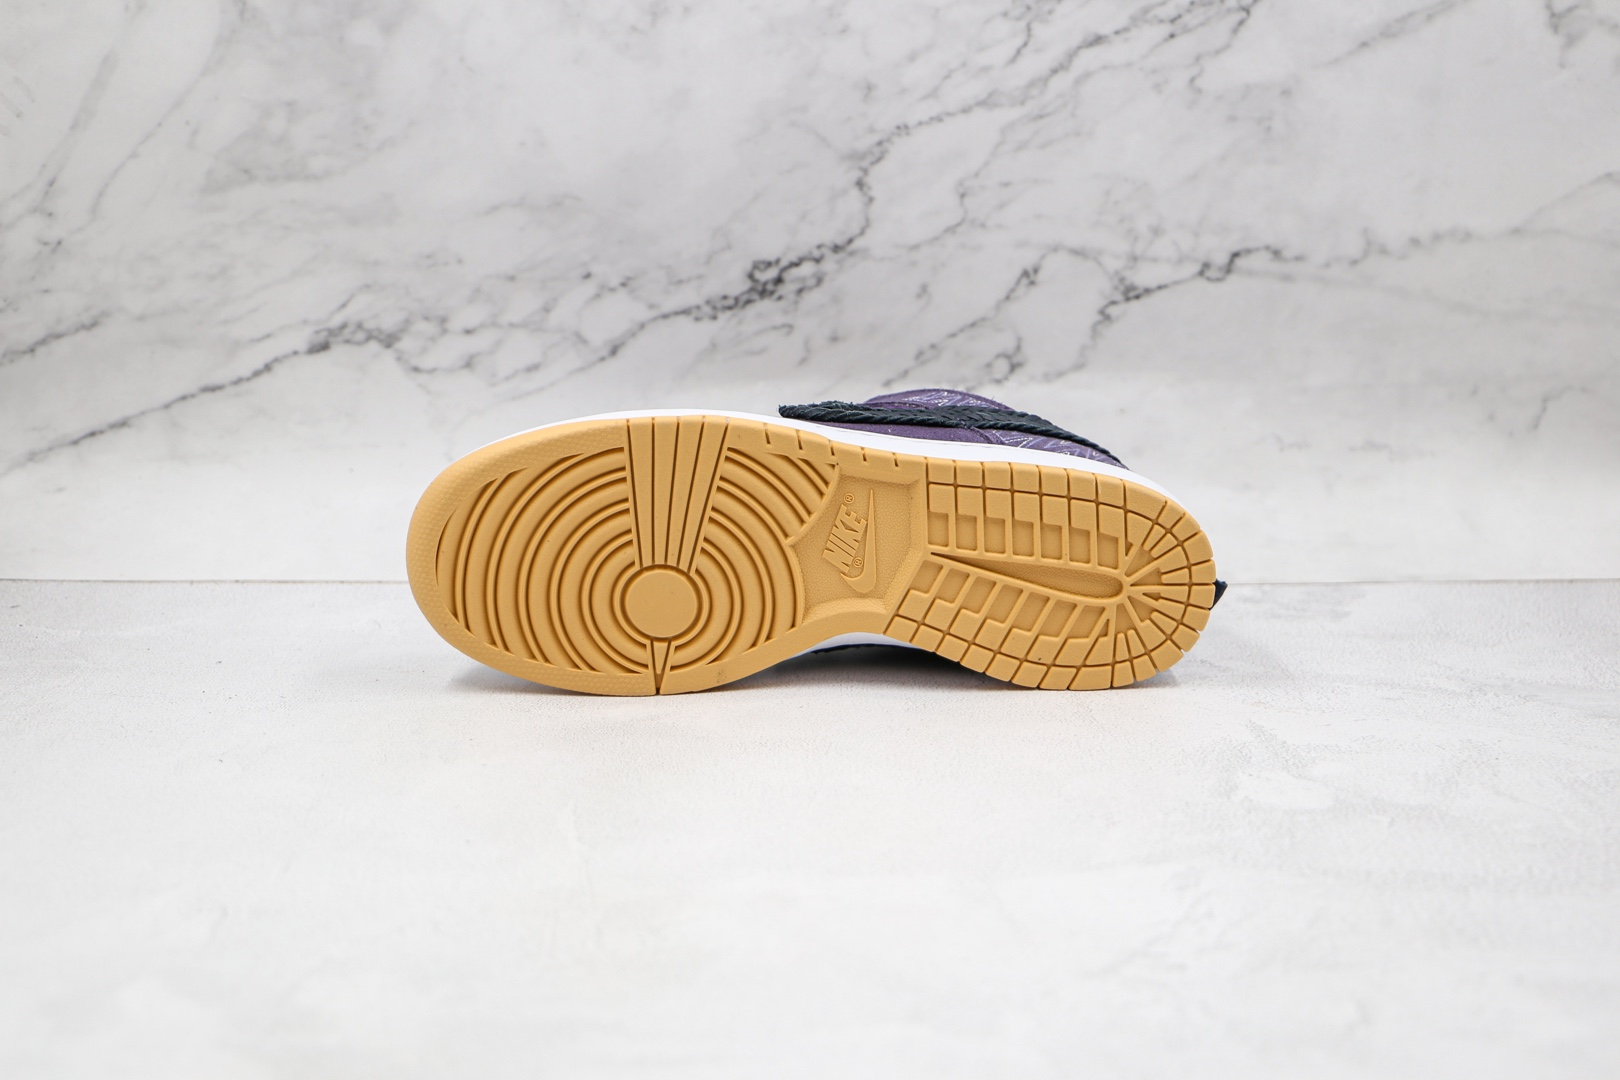 耐克NIKE DUNK SB LOW纯原版本低帮SB DUNK紫色黑色钩板鞋内置气垫 货号:DN1441-500